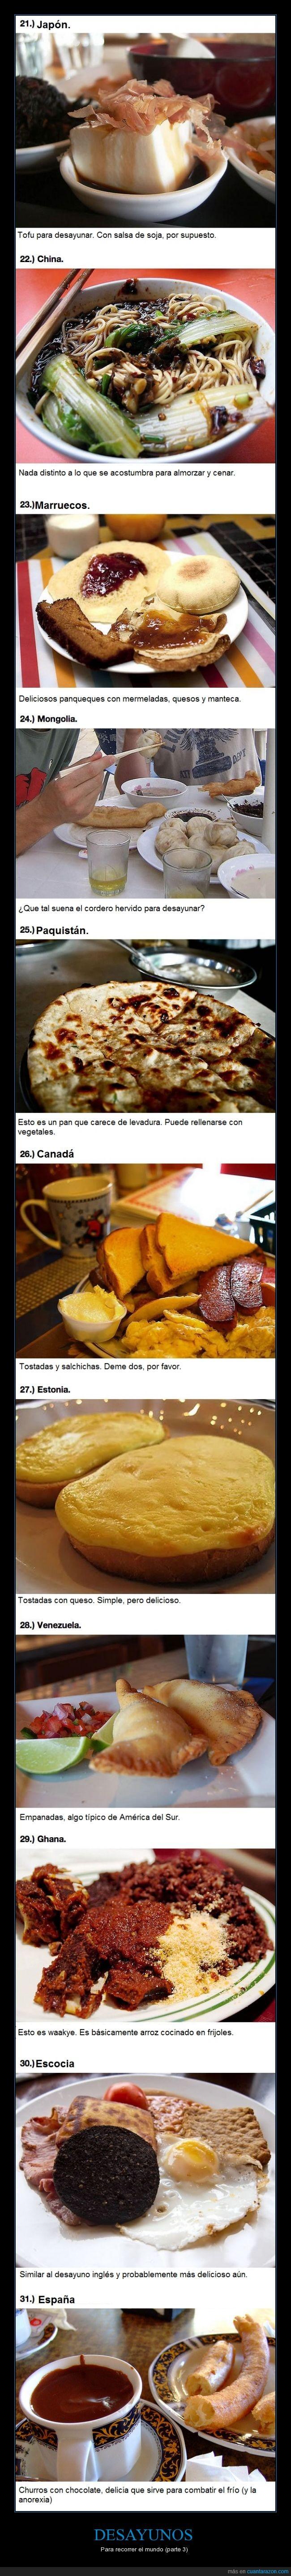 churros,comer,comida,desayuno,escocia,españa,mundo,paises,parte 3,venezuela